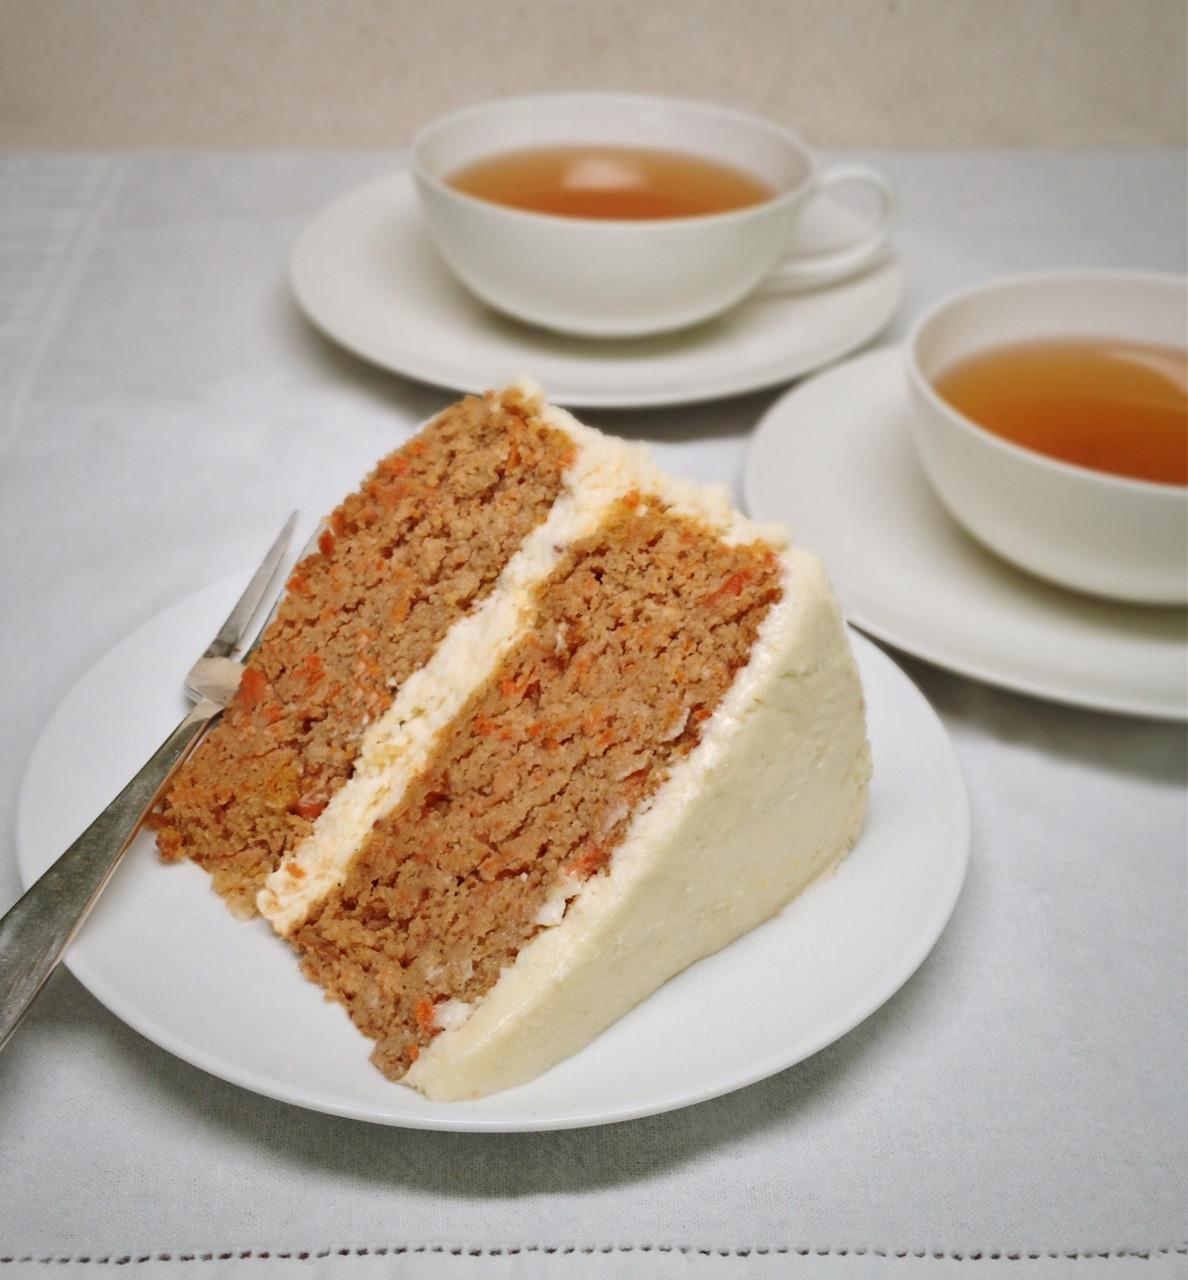 Sugar Free Dessert  Carrot Cake Gluten Free Low Carb Sugar Free Preheat